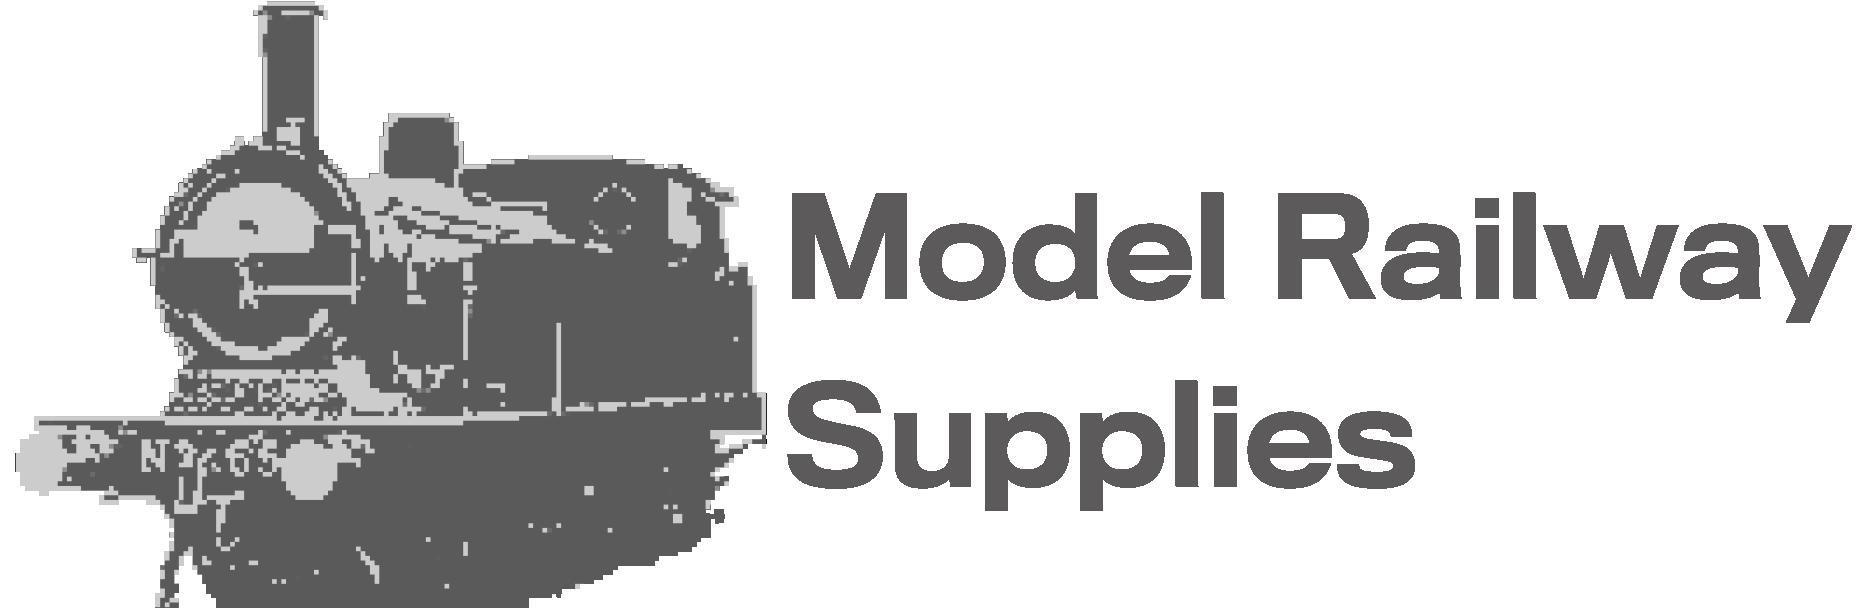 Model Railway Supplies